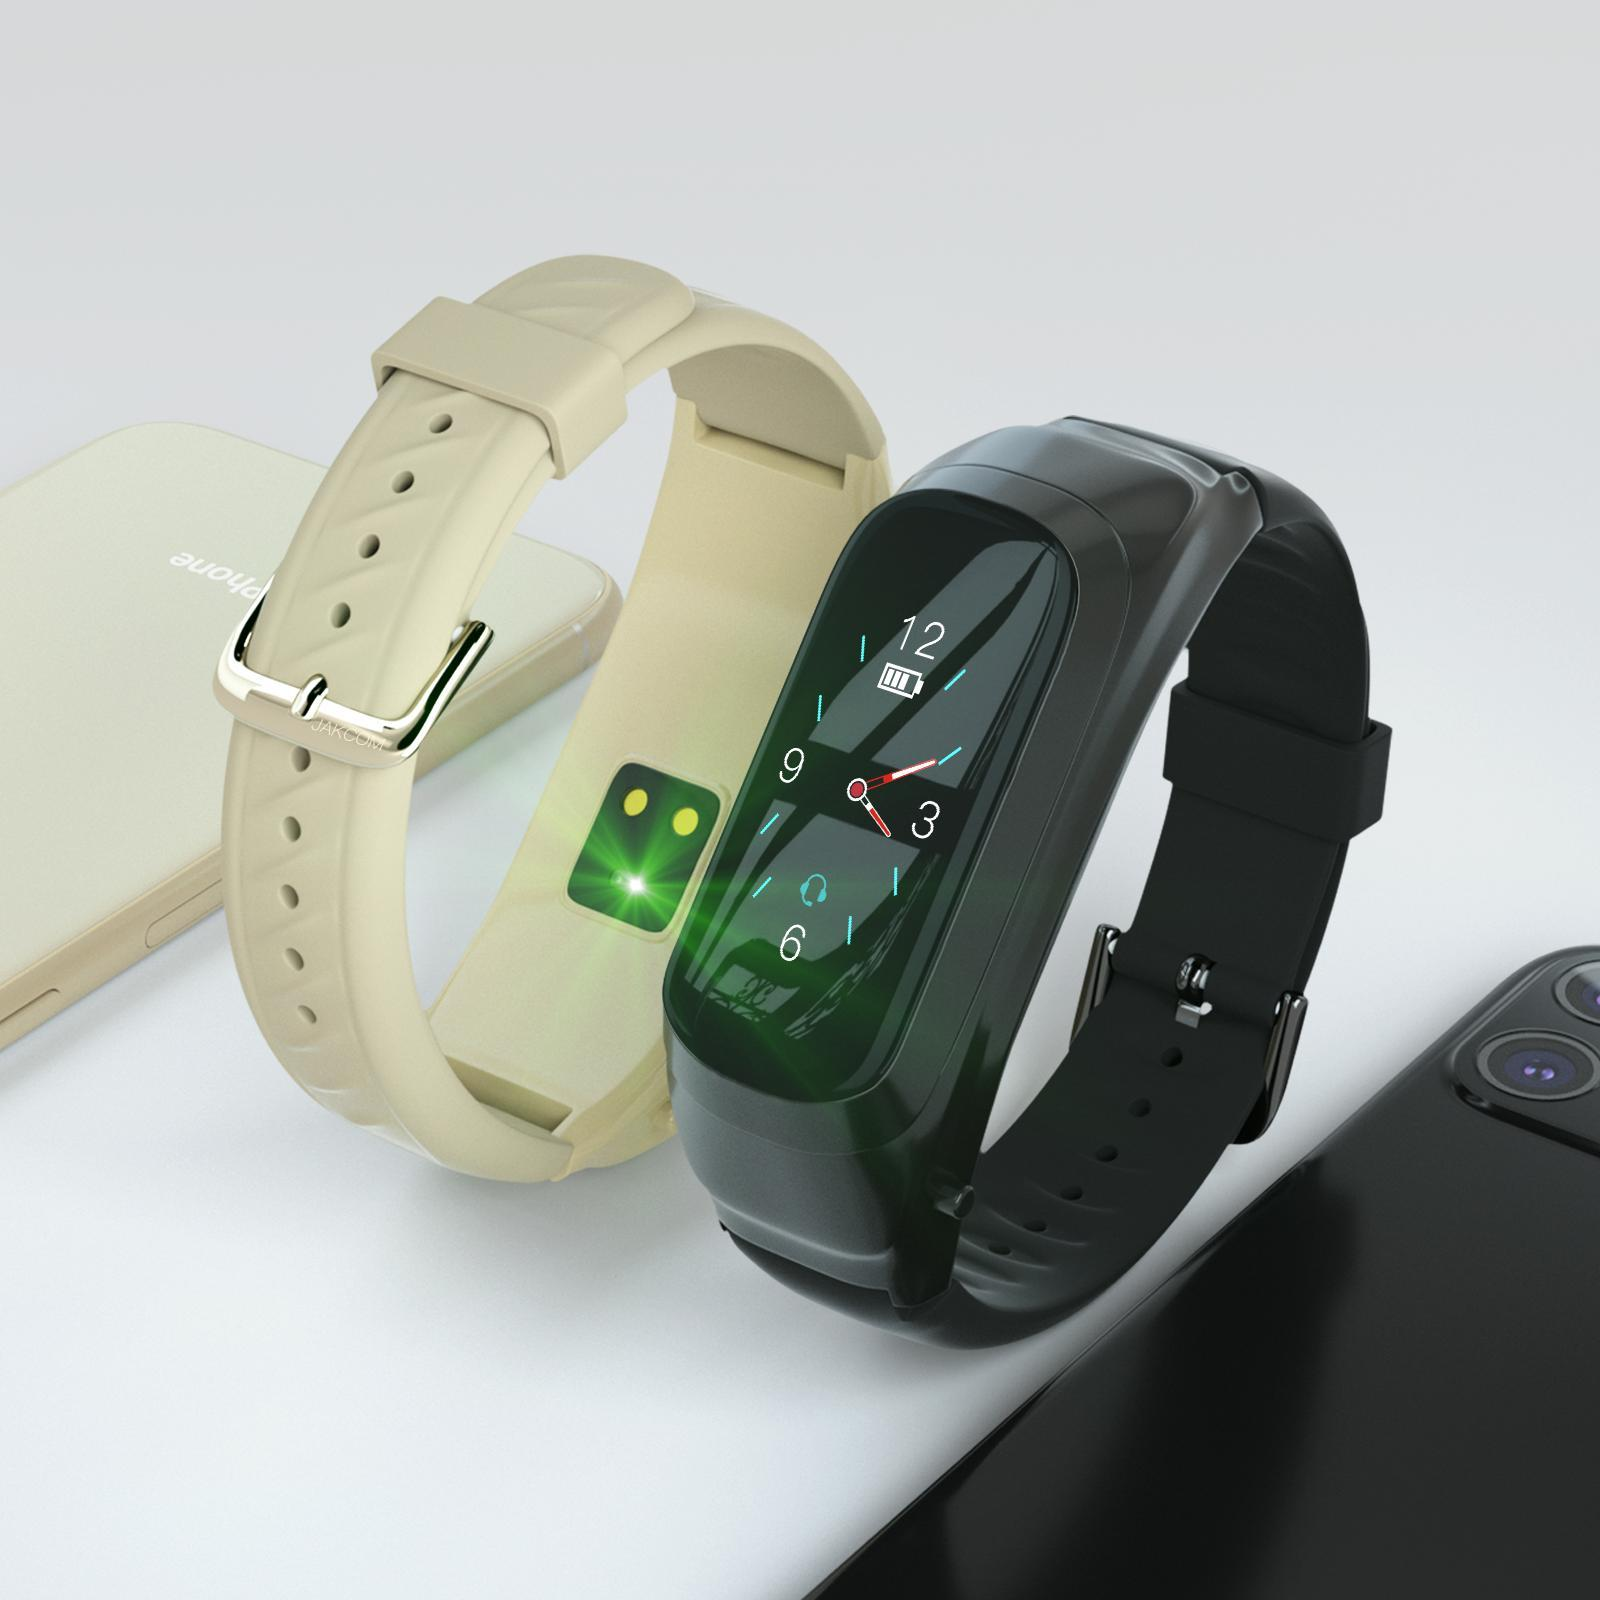 JAKCOM B6 الذكية الدعوة ووتش منتج جديد من سوار الذكية مع ساعة سماعة الذكية مع رصد معدل ضربات القلب